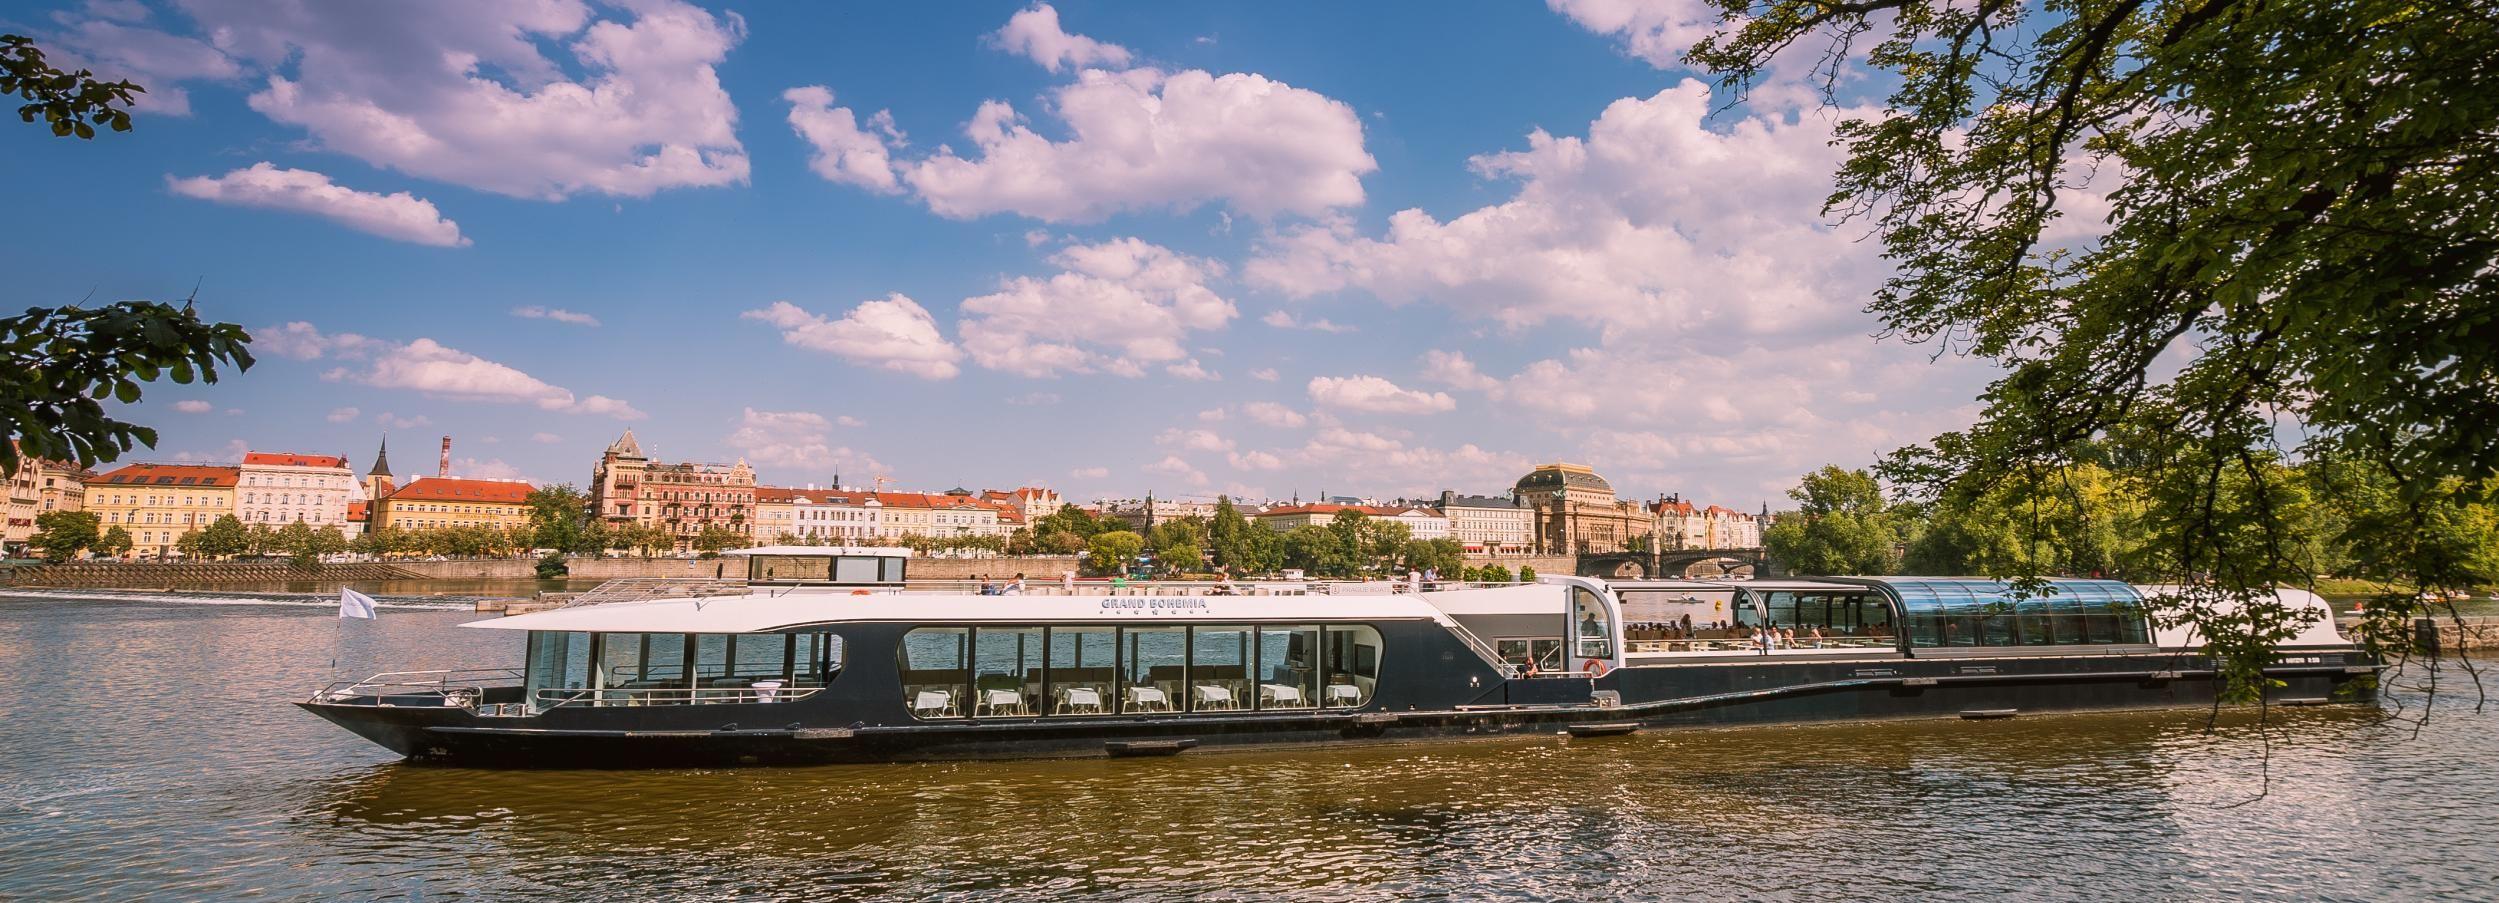 Praga: crucero turístico de 2 horas por el Moldava